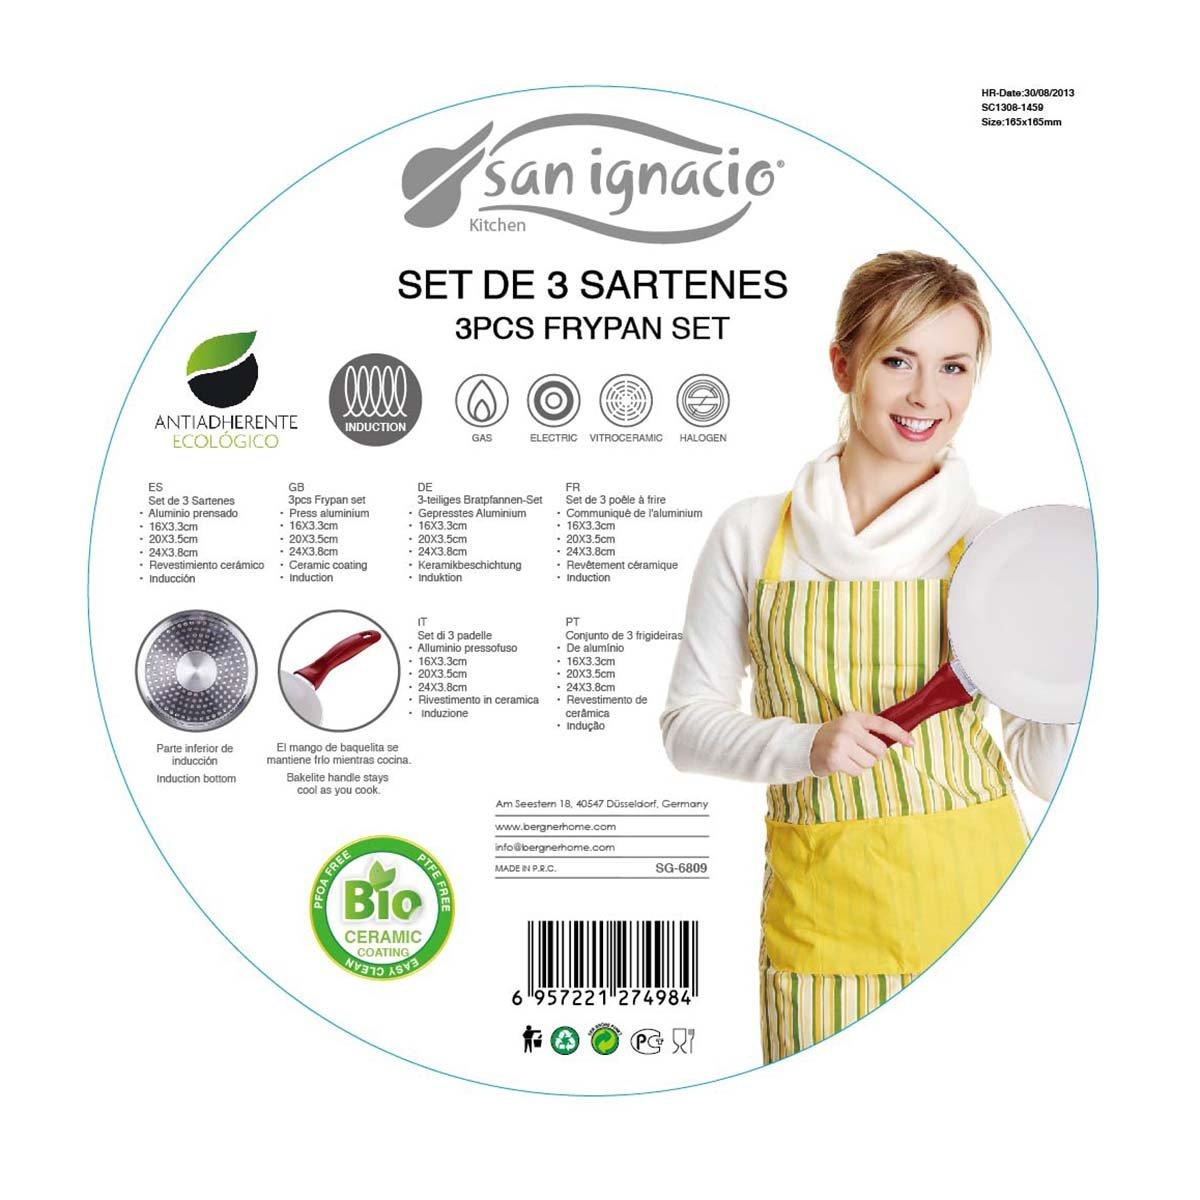 San Ignacio Set 3 sartenes de Aluminio prensado con Revestimiento cerámico, baquelita, Rojo: Amazon.es: Hogar